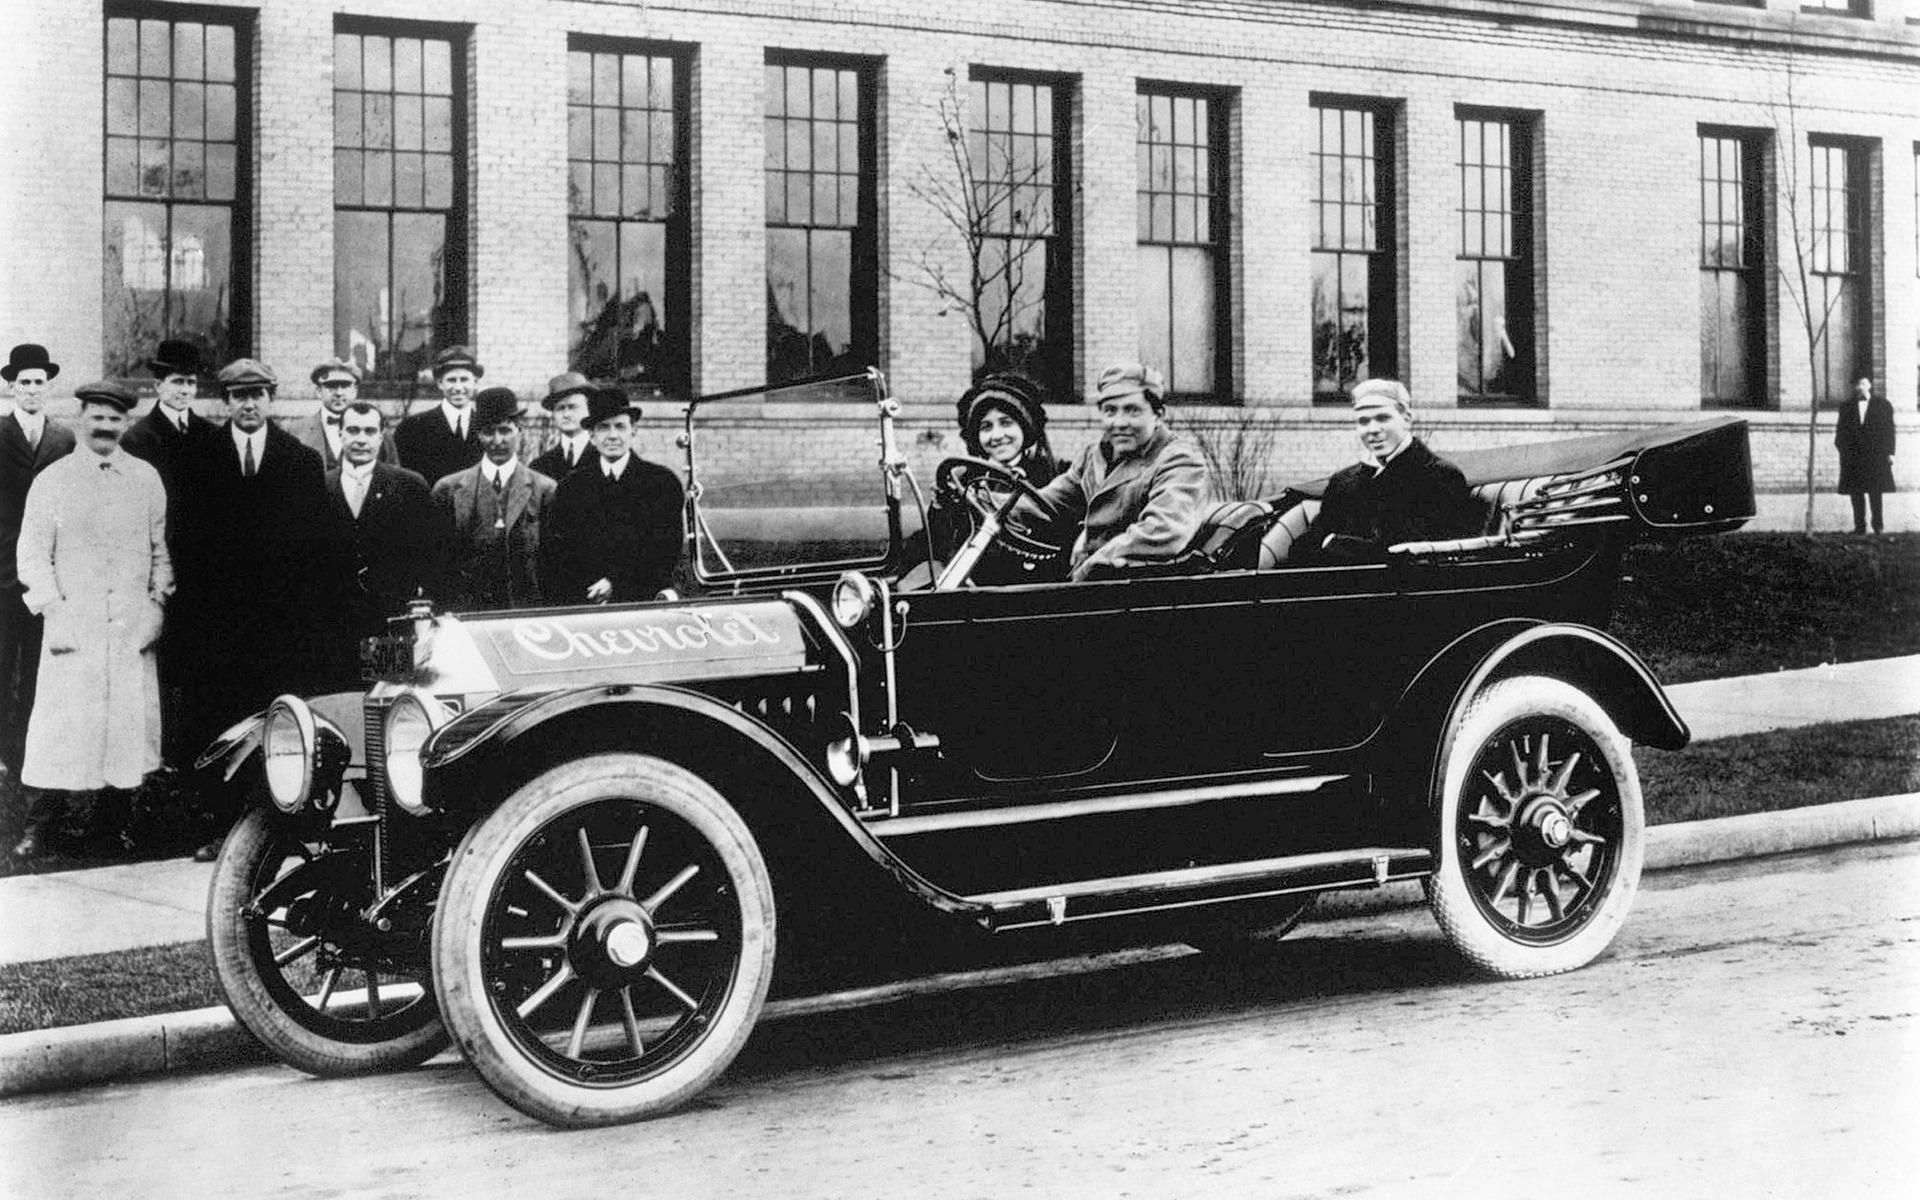 La première d'une longue lignée, la Classic Six 1914